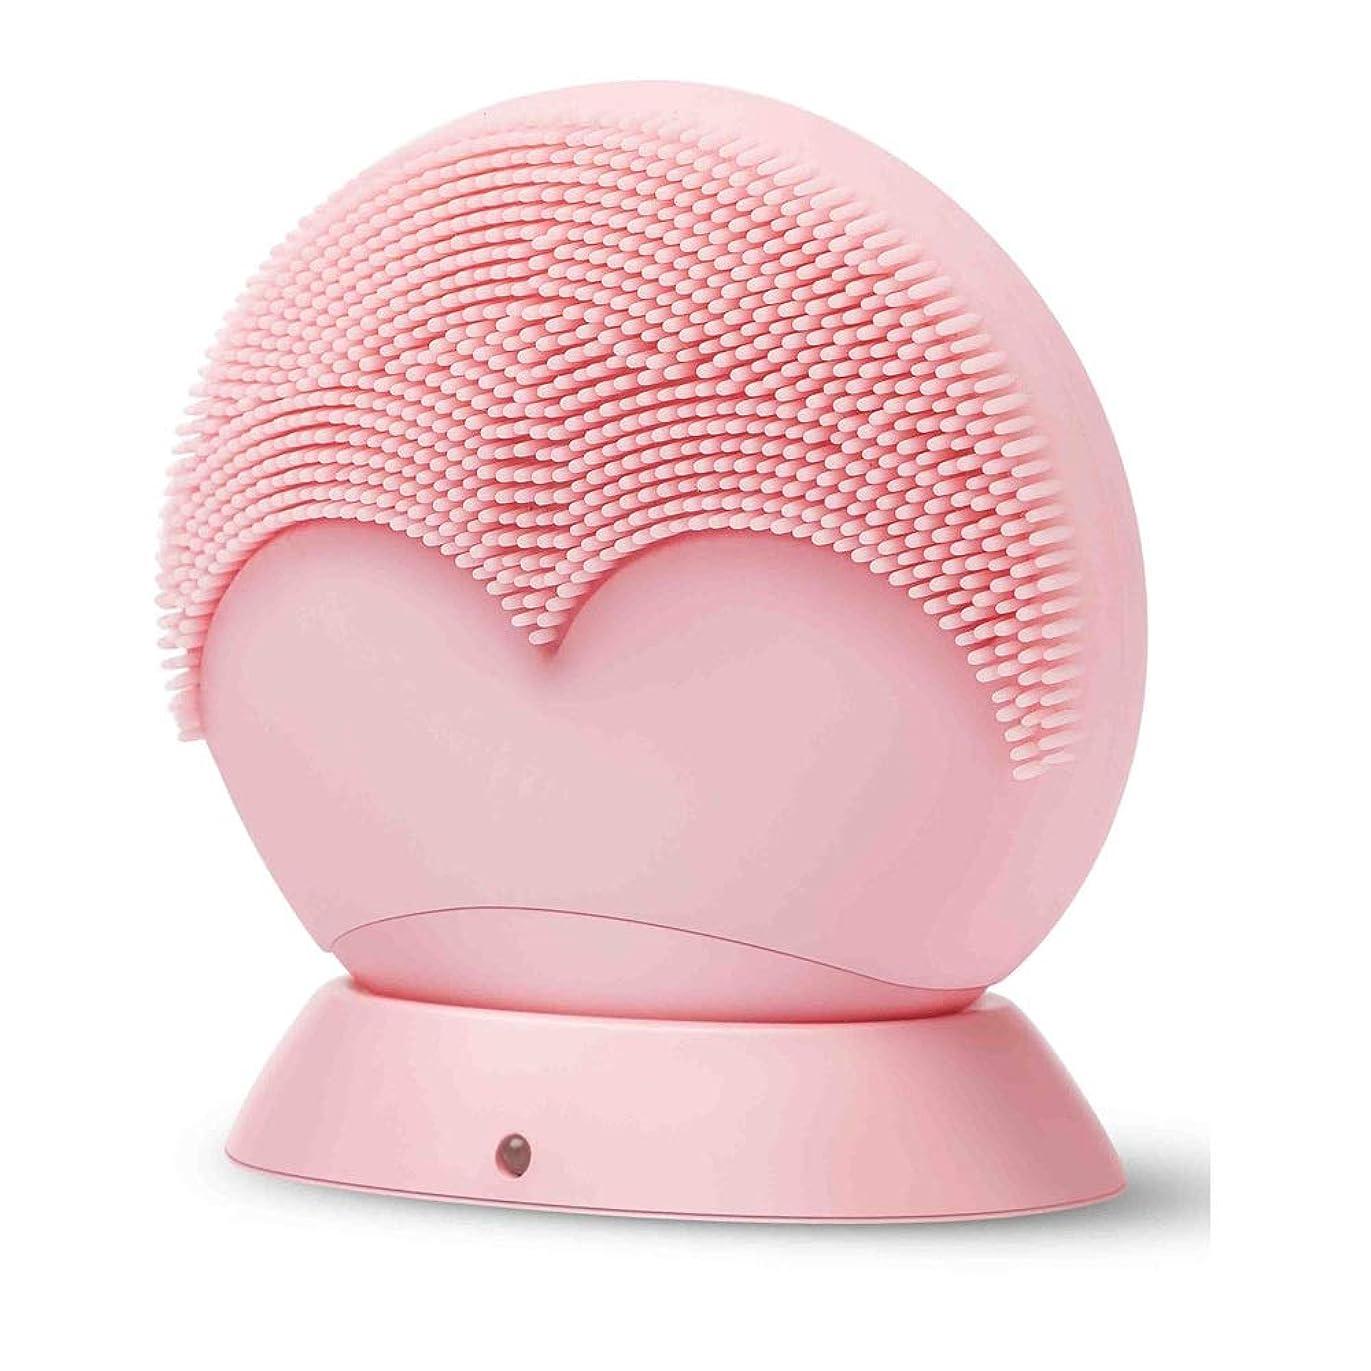 ZXF ワイヤレス充電超音波振動クレンジングブラシディープクリーンミュートシリコンクレンジング楽器防水 滑らかである (色 : Pink)